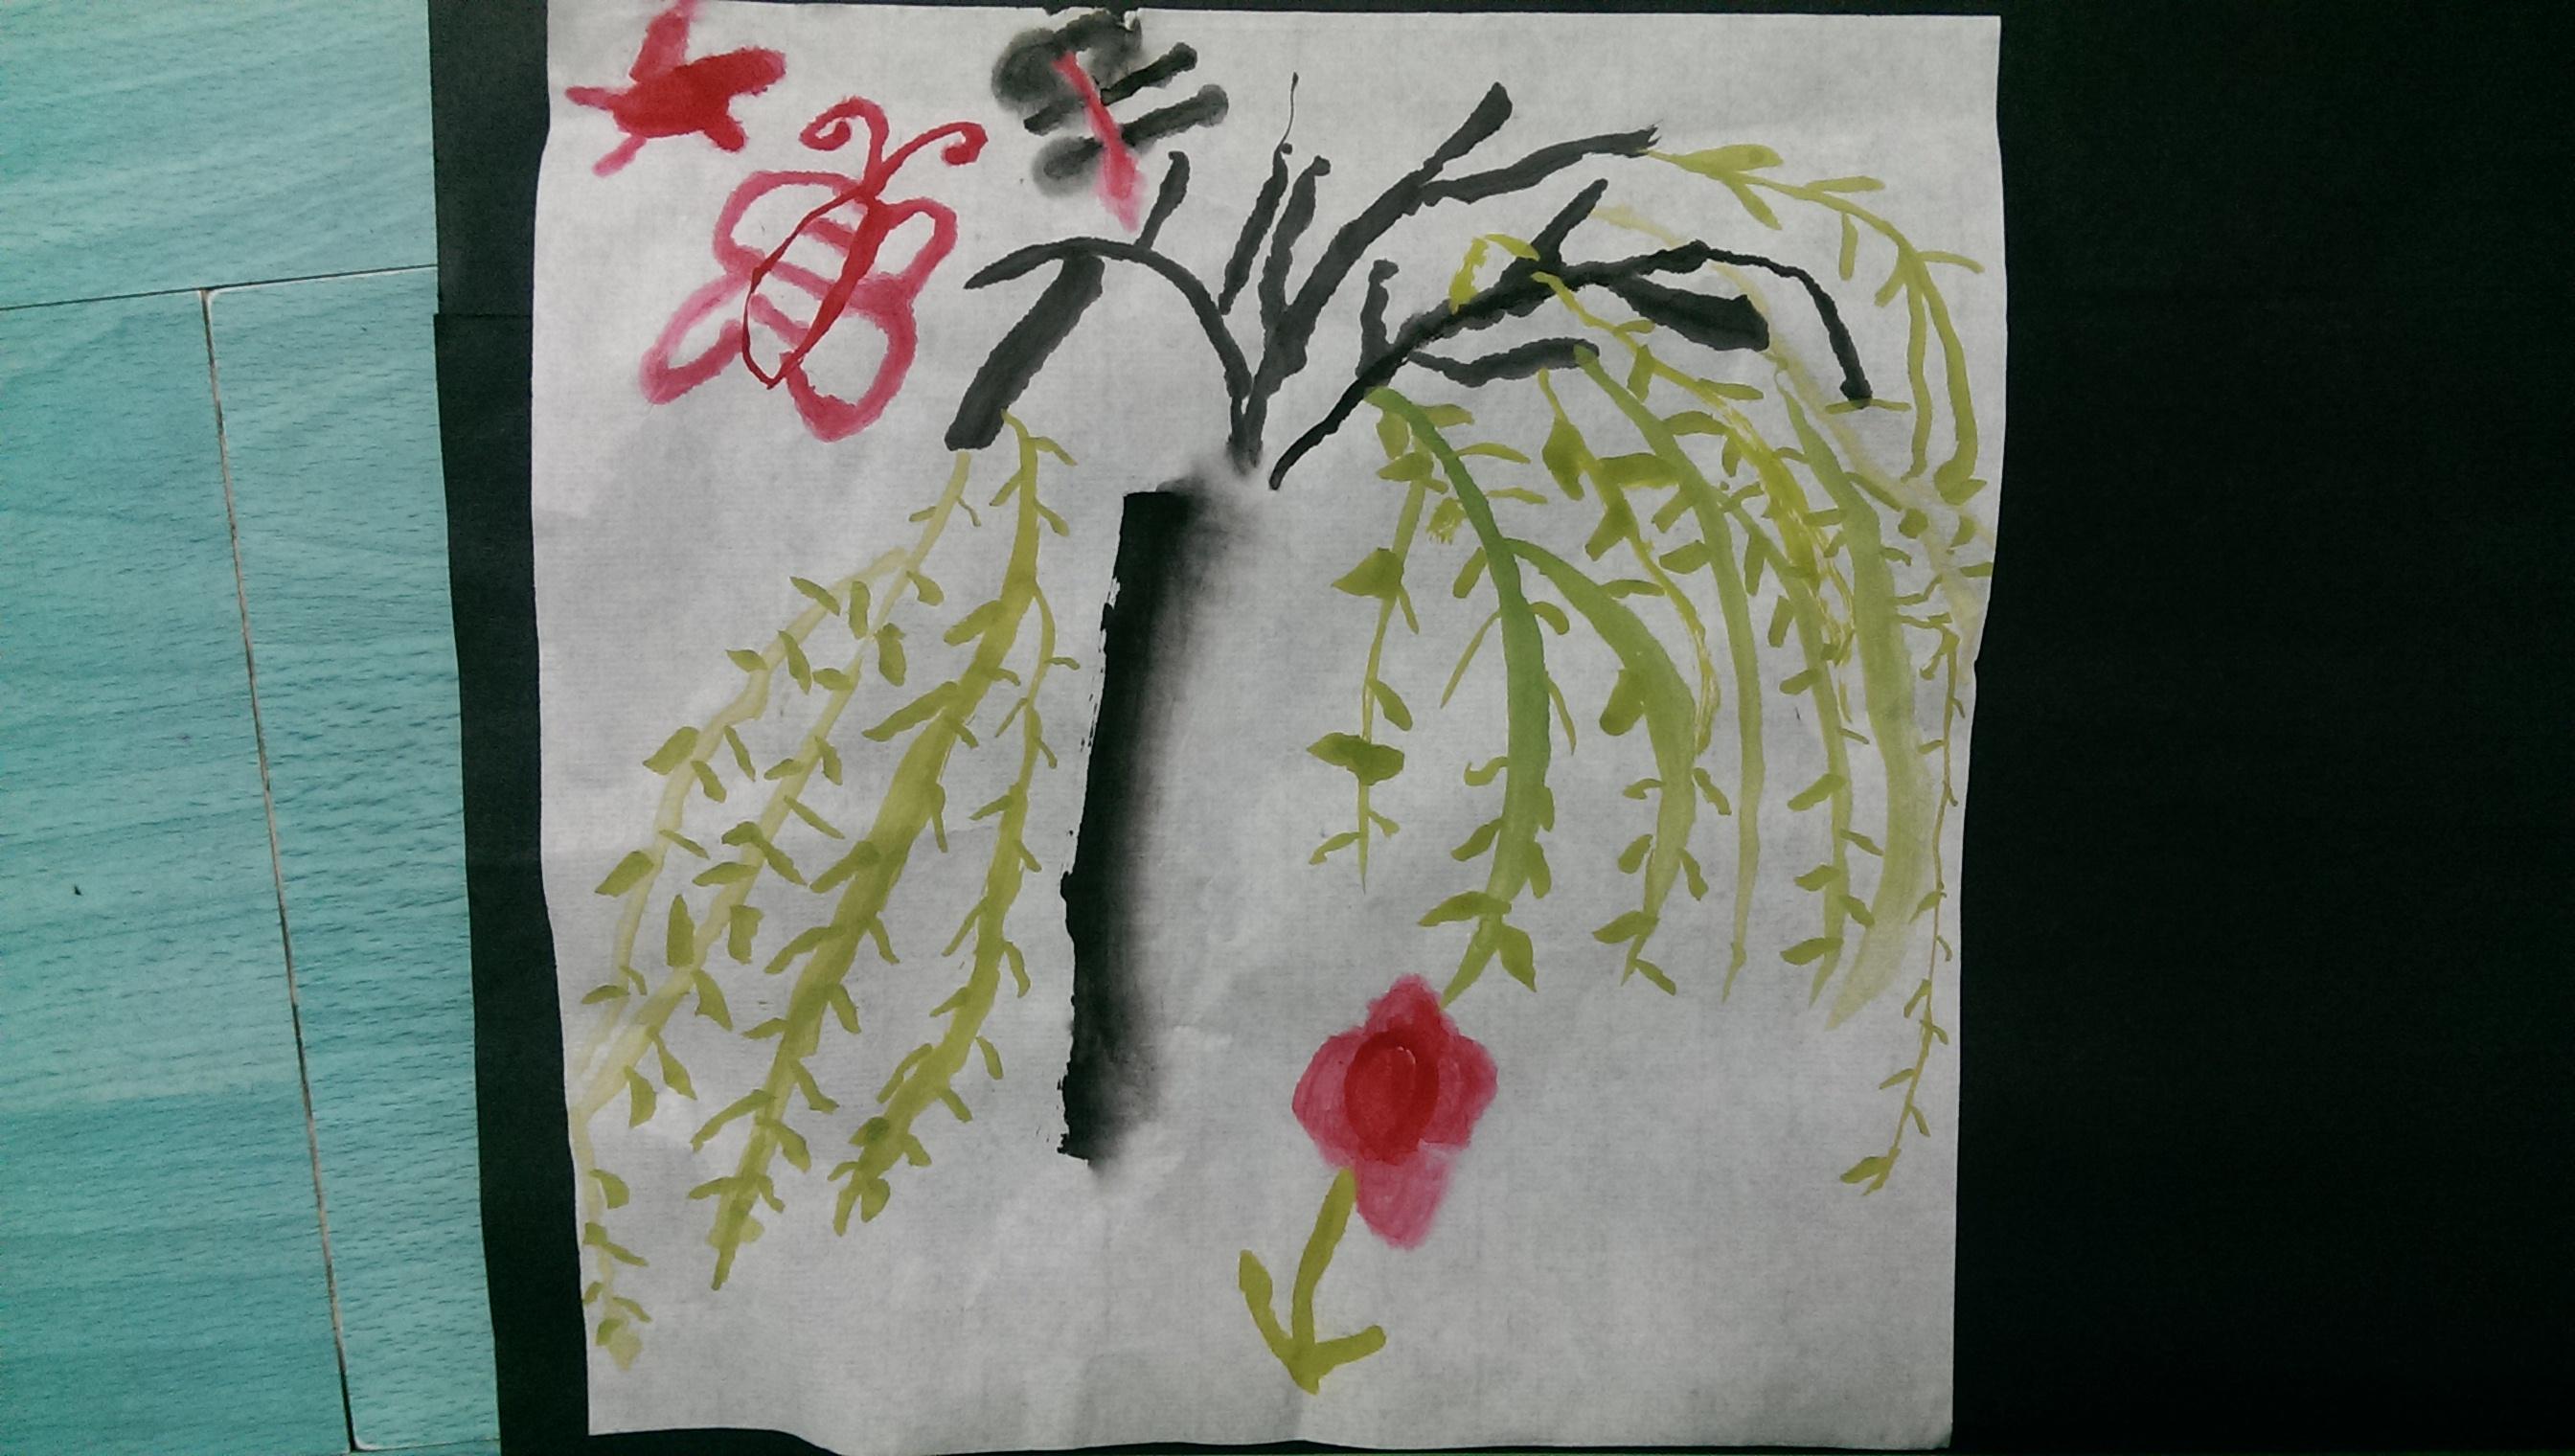 园所主页 中3班 精彩瞬间  水墨画作品《柳树》              发布